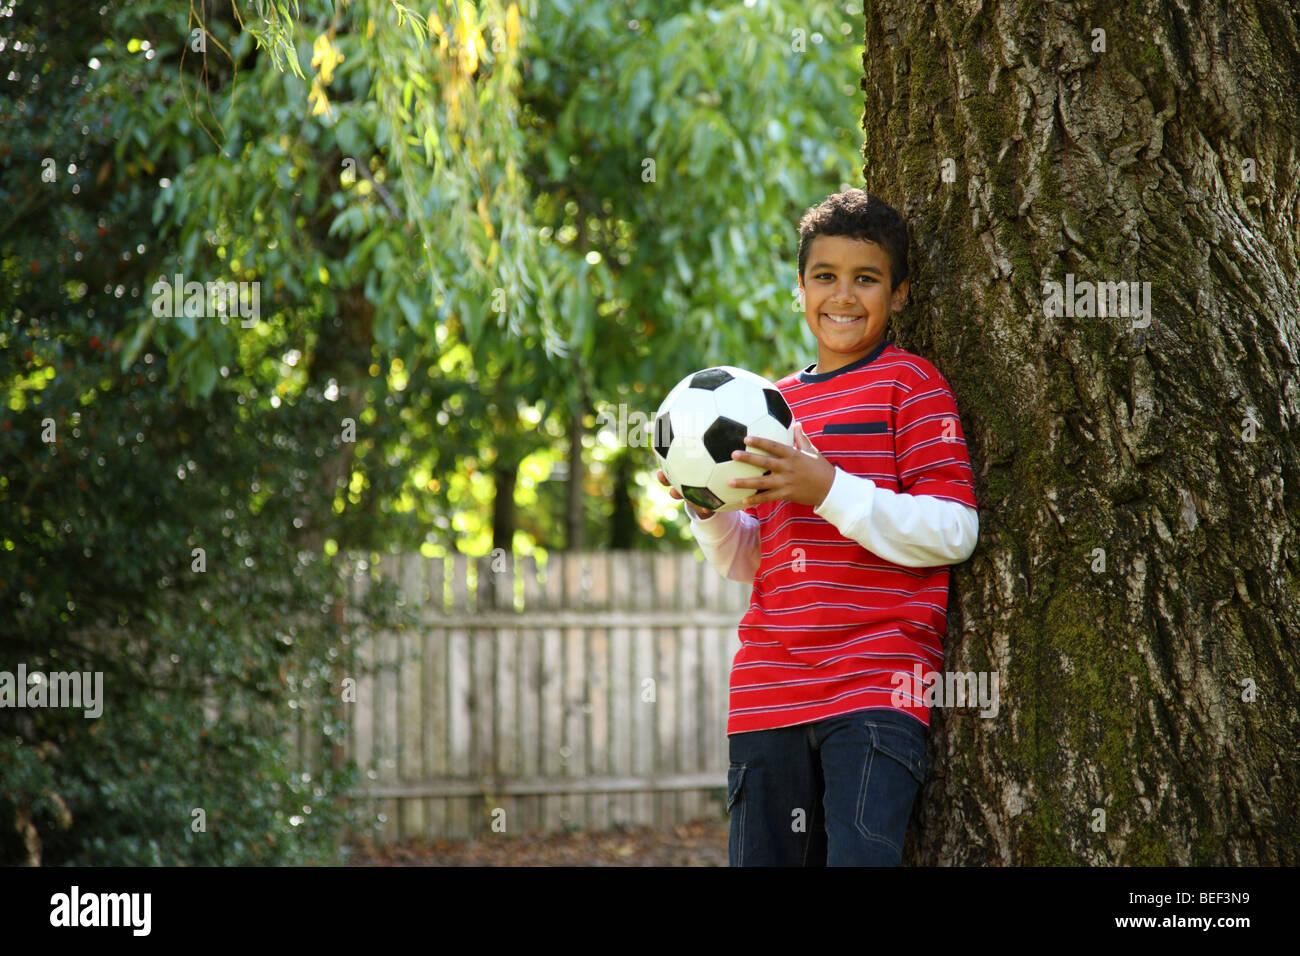 Ritratto di ragazzo all aperto con pallone da calcio Immagini Stock